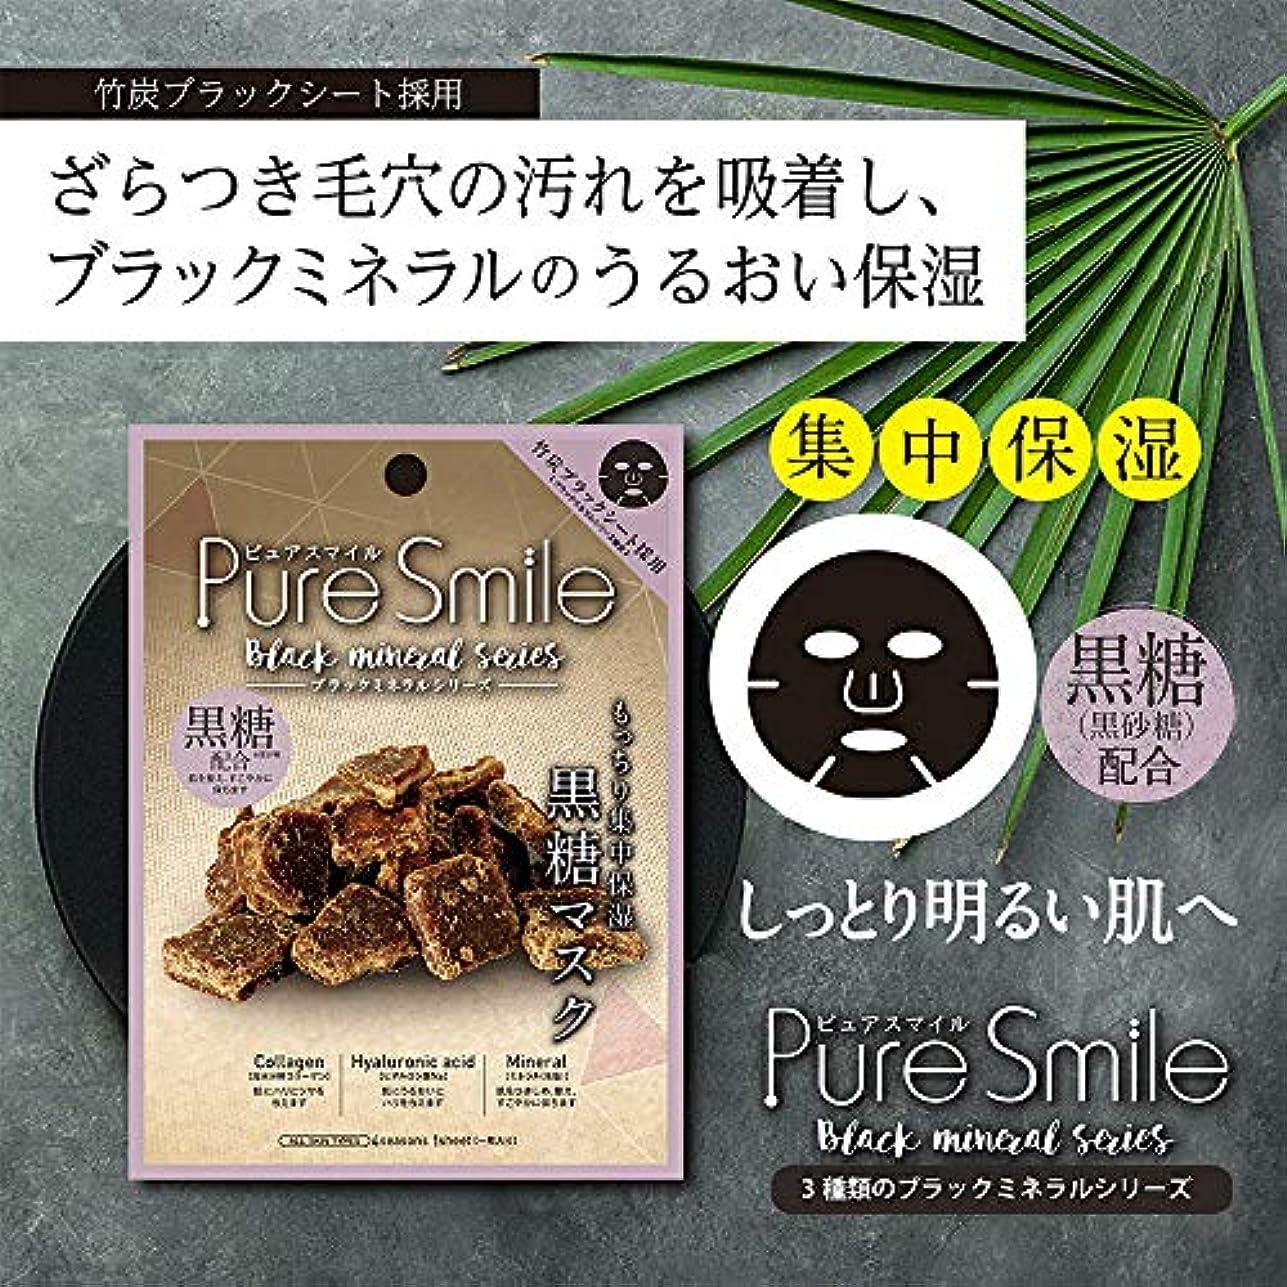 ジョージバーナード上へルールPure Smile(ピュアスマイル) エッセンスマスク 『ブラックミネラルシリーズ』 (黒糖) フェイスマスク パック